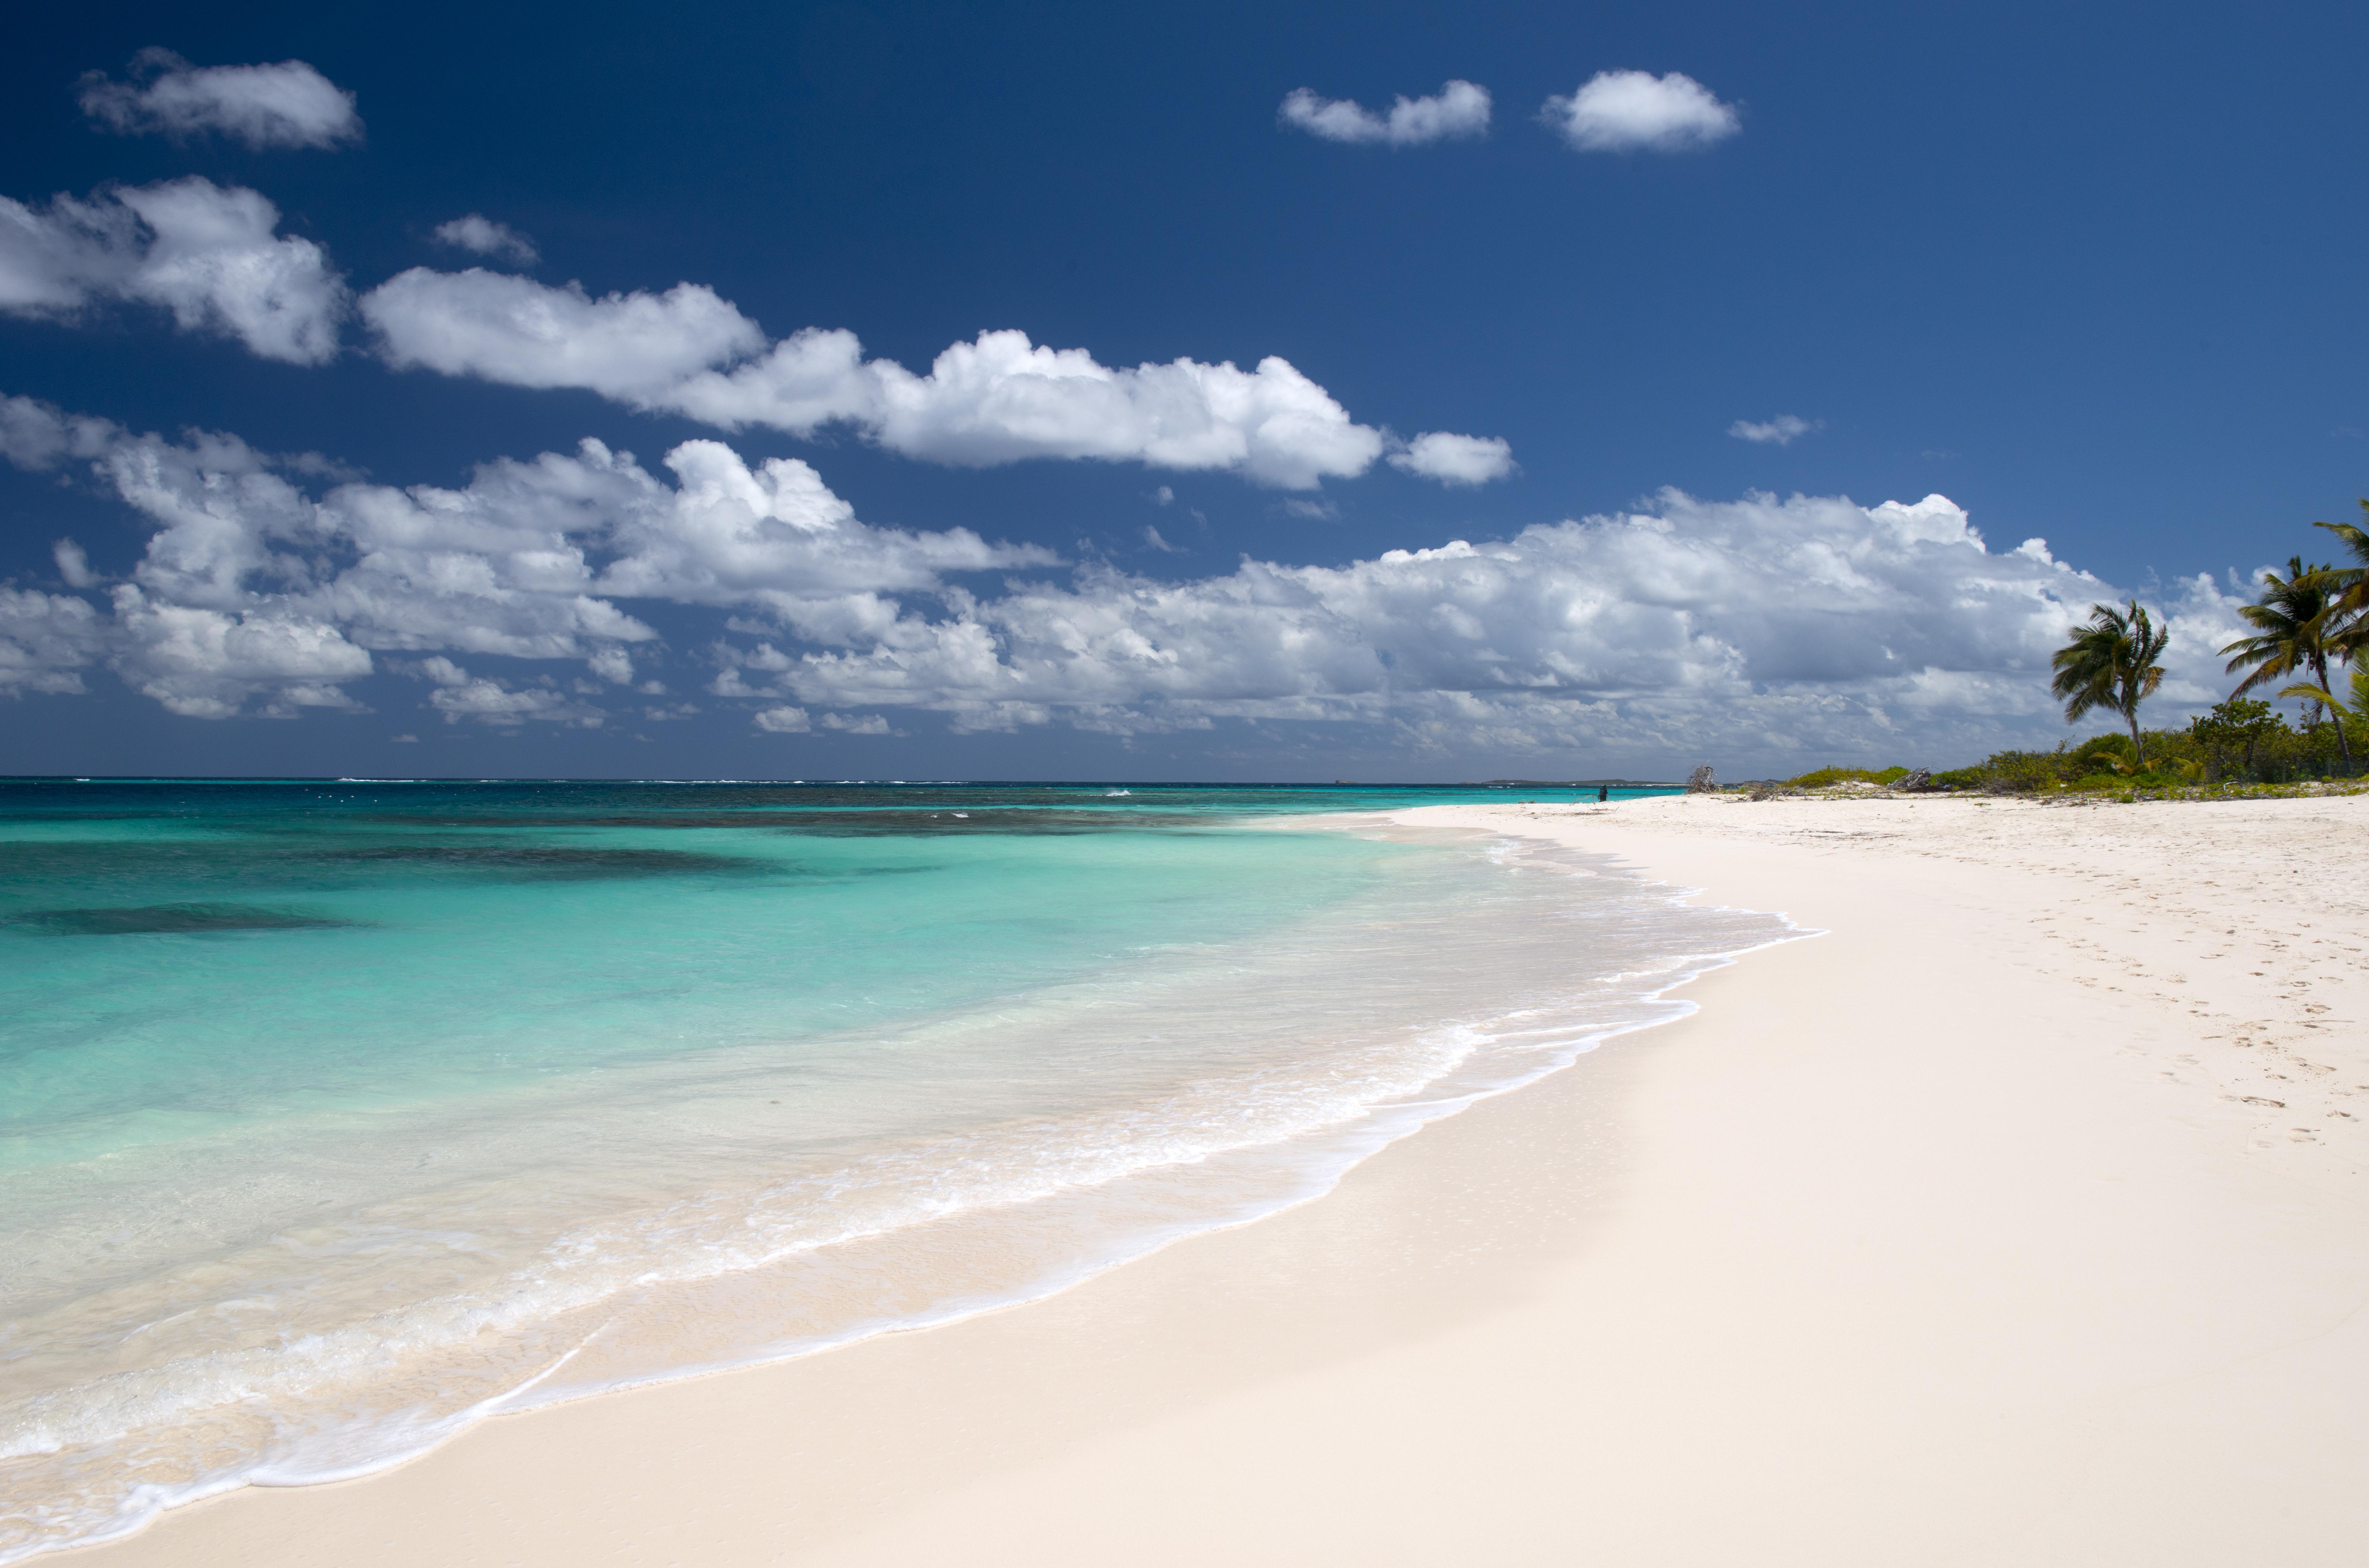 De las 33 playas de Anguila, esta es, por mucho, la más popular entre los visitantes. Los viajeros pueden disfrutar de los cielos azules y el aire fresco, bucear en los arrecifes poco profundos y probar deliciosos pescados frescos desde la comodidad de una de las mejores playas del mundo